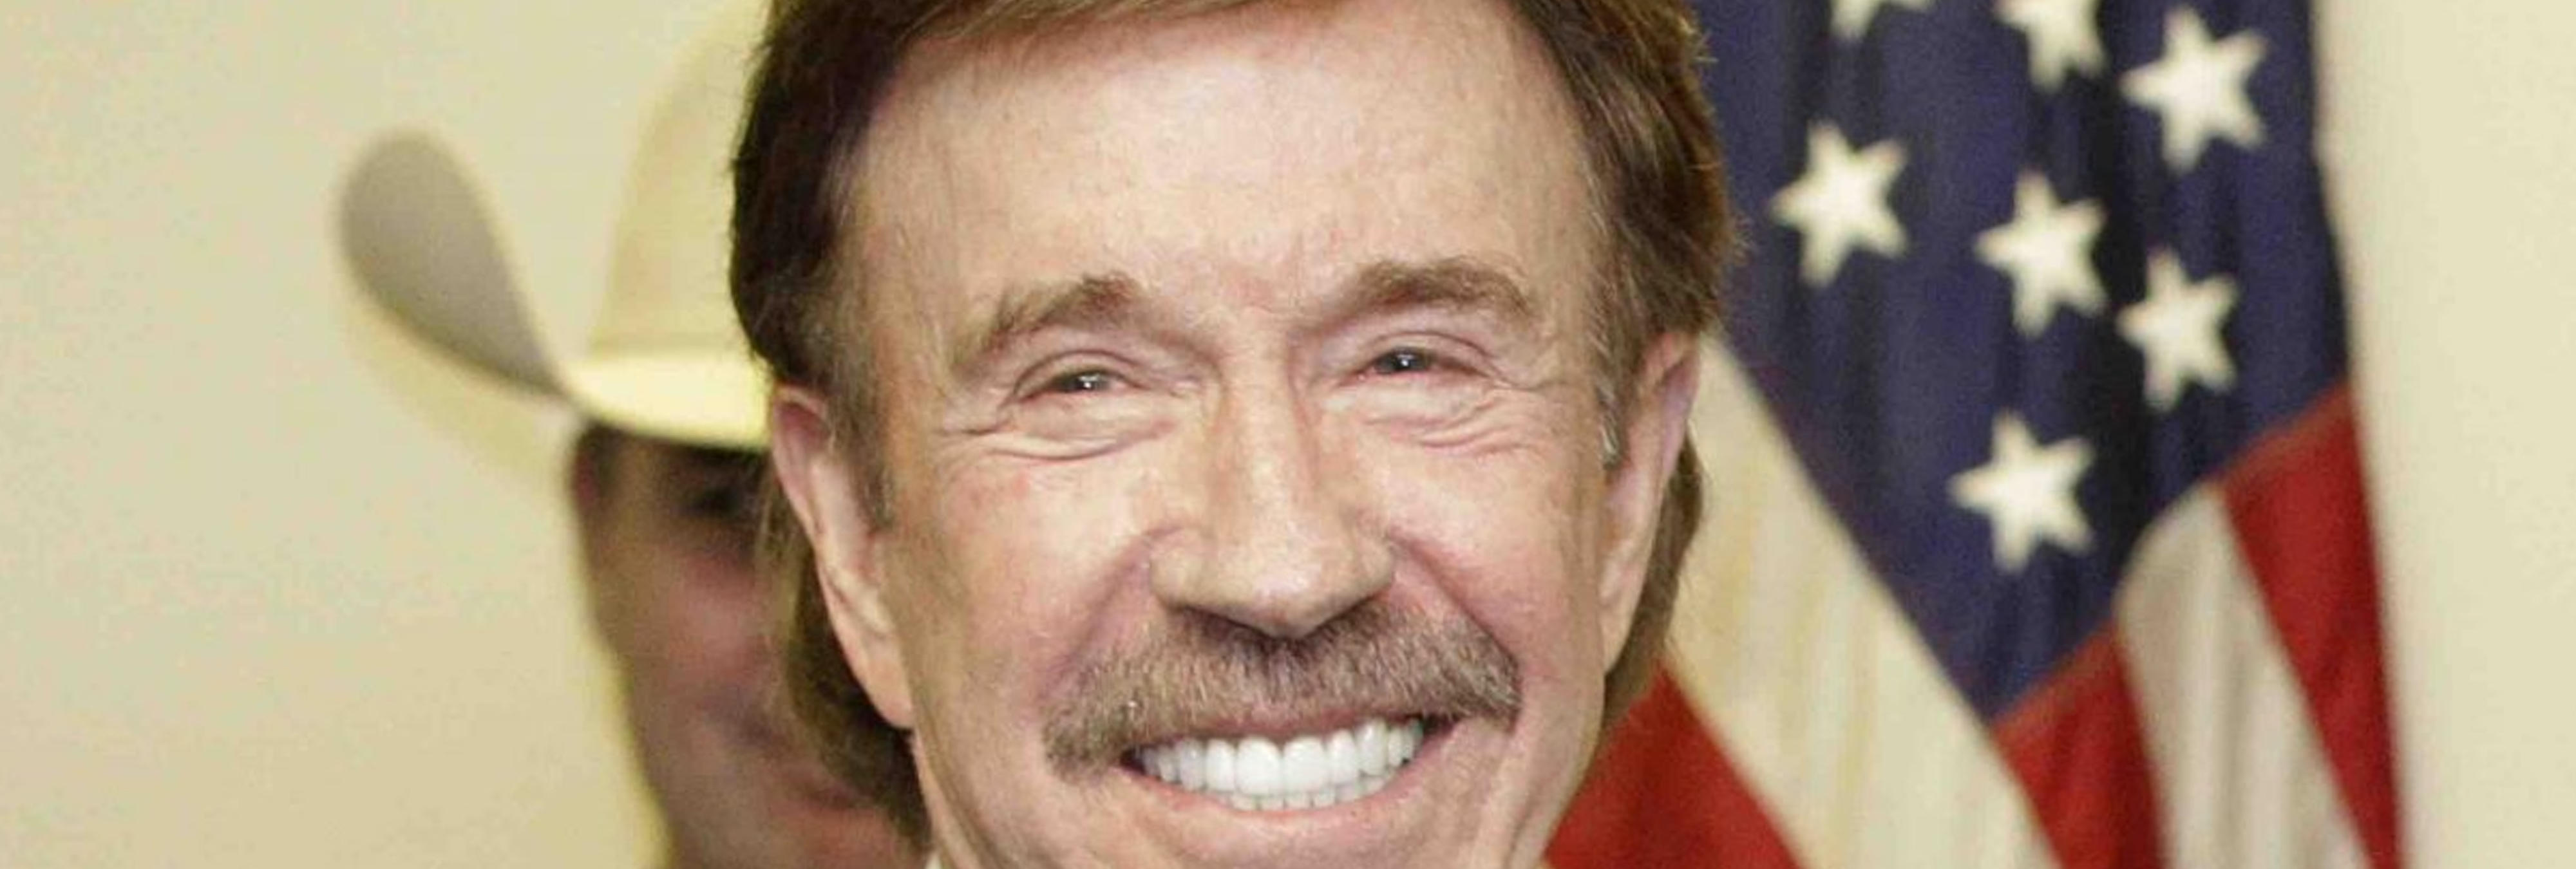 8 curiosidades de Chuck Norris por su 77 cumpleaños